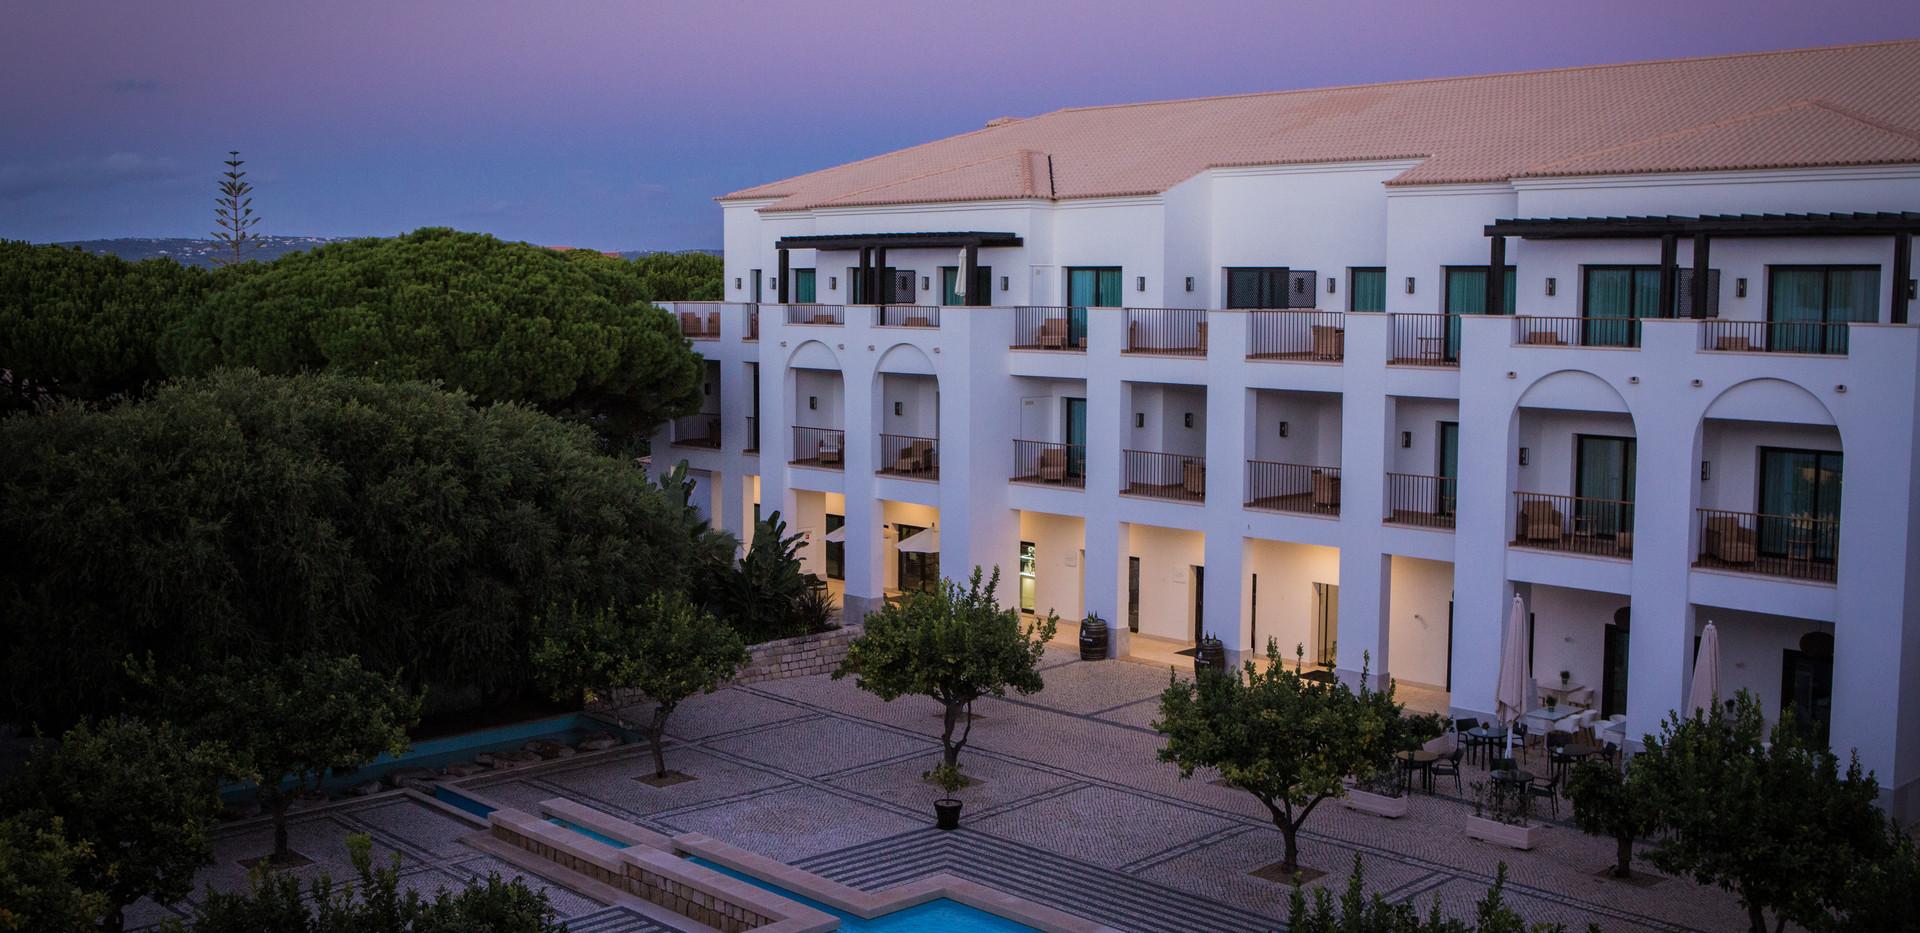 Hotel Portugal. Algarve.